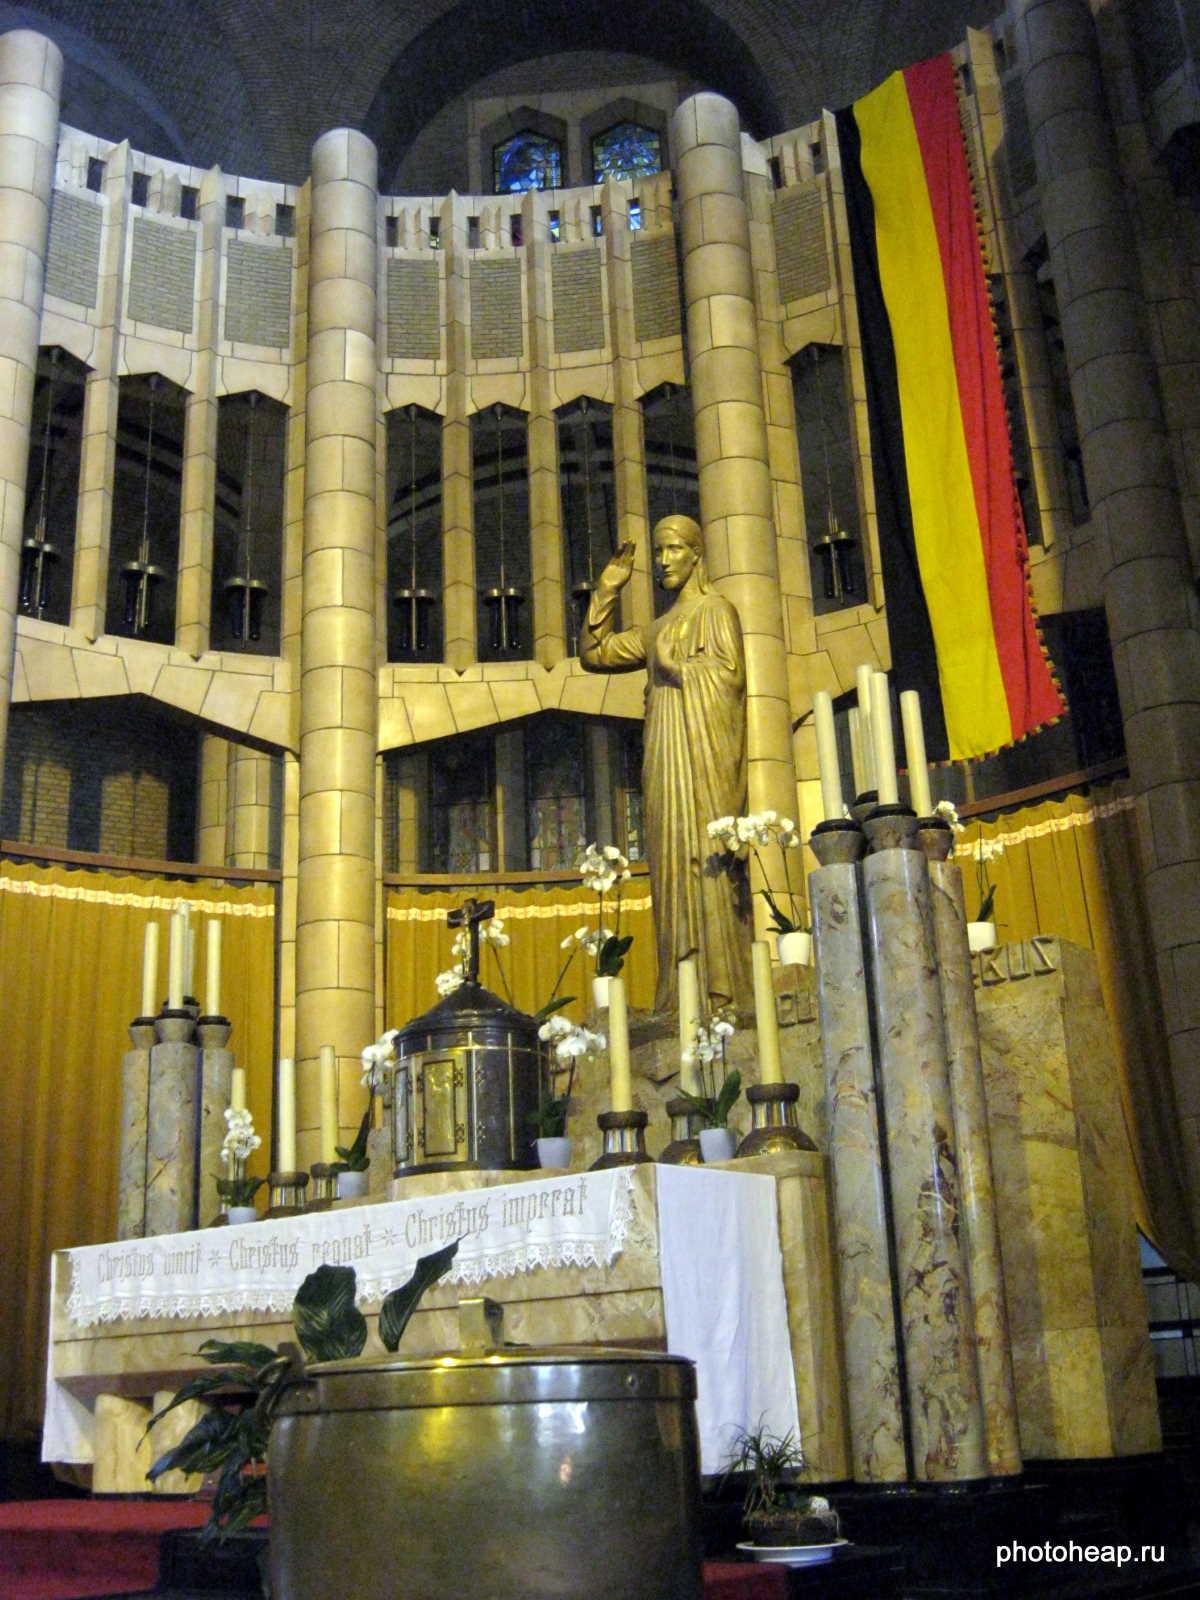 Статуя Христа в Брюссельской Базилике